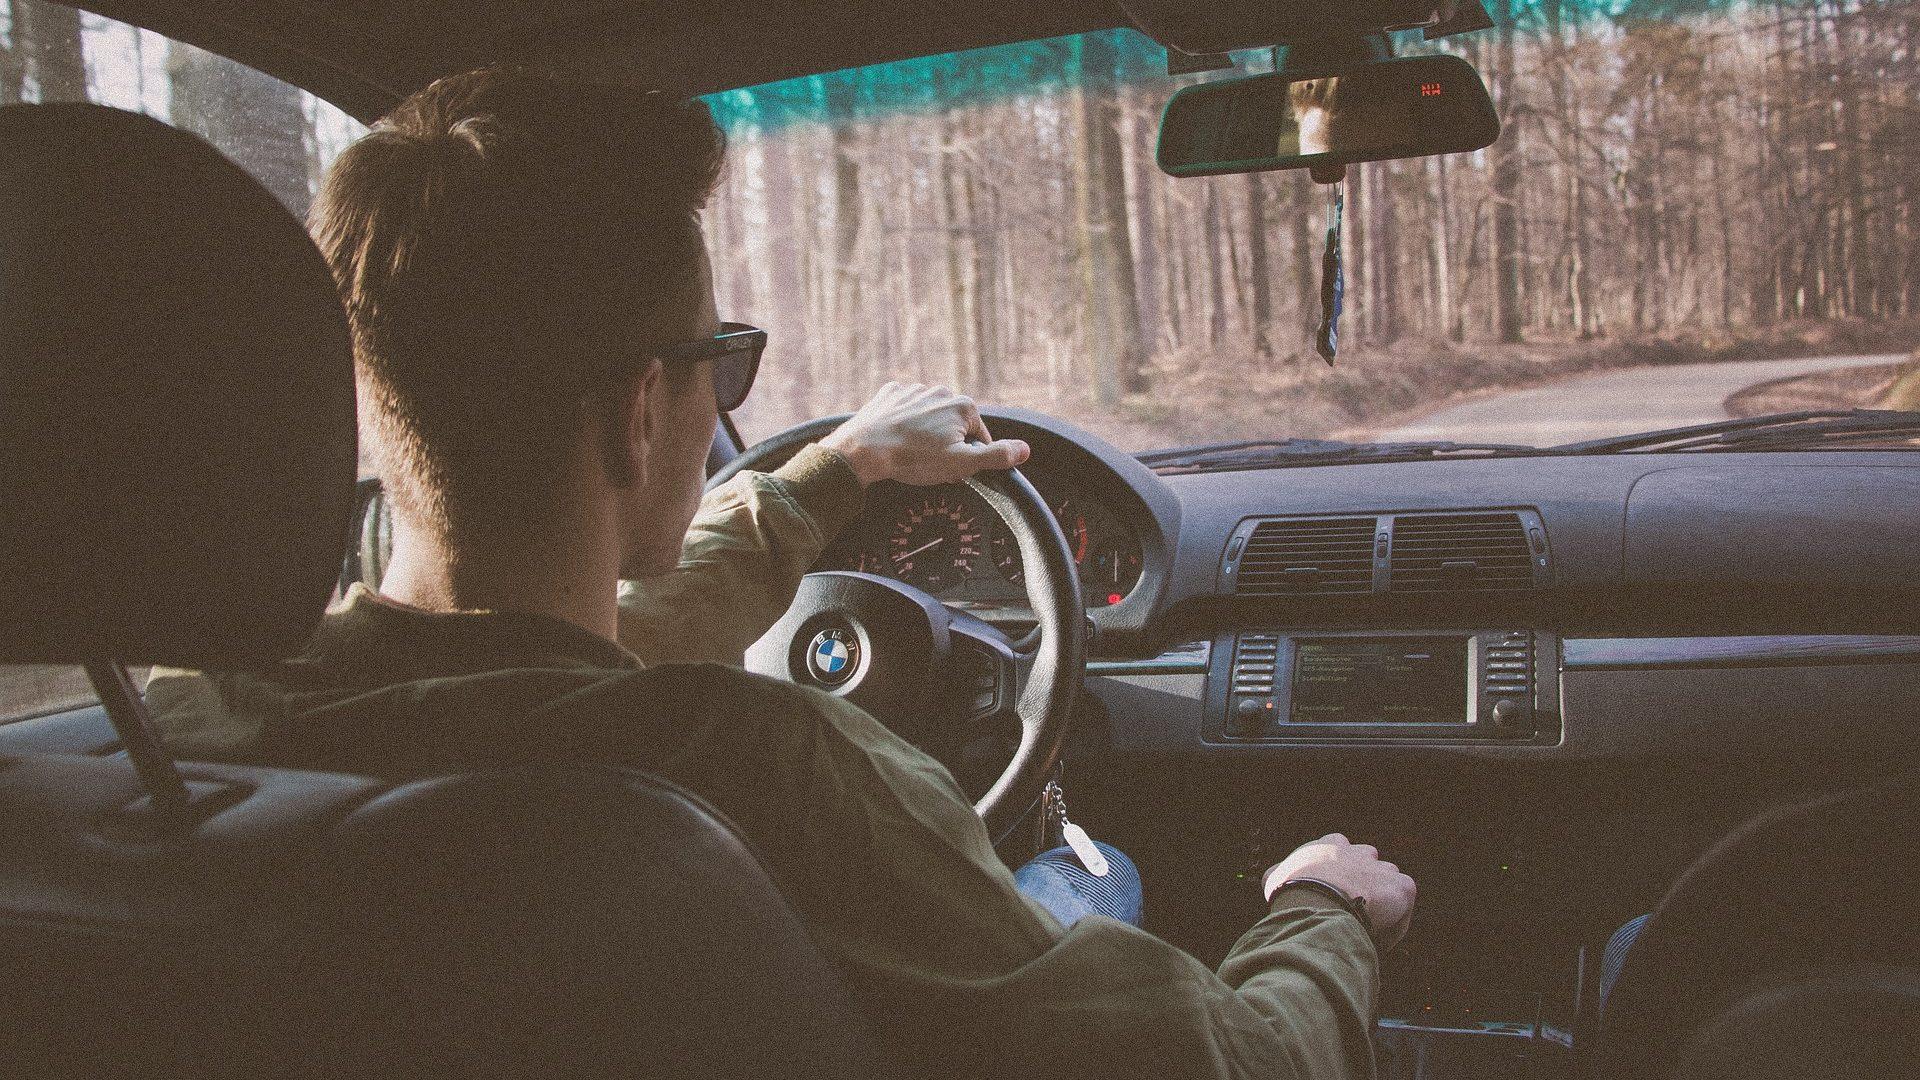 """נדחתה תביעה להכרה בתאונה כתאונת דרכים נוכח התקף כעס שפקד את הנהג בעת הנהיגה / מאת עו""""ד ג'ון גבע"""